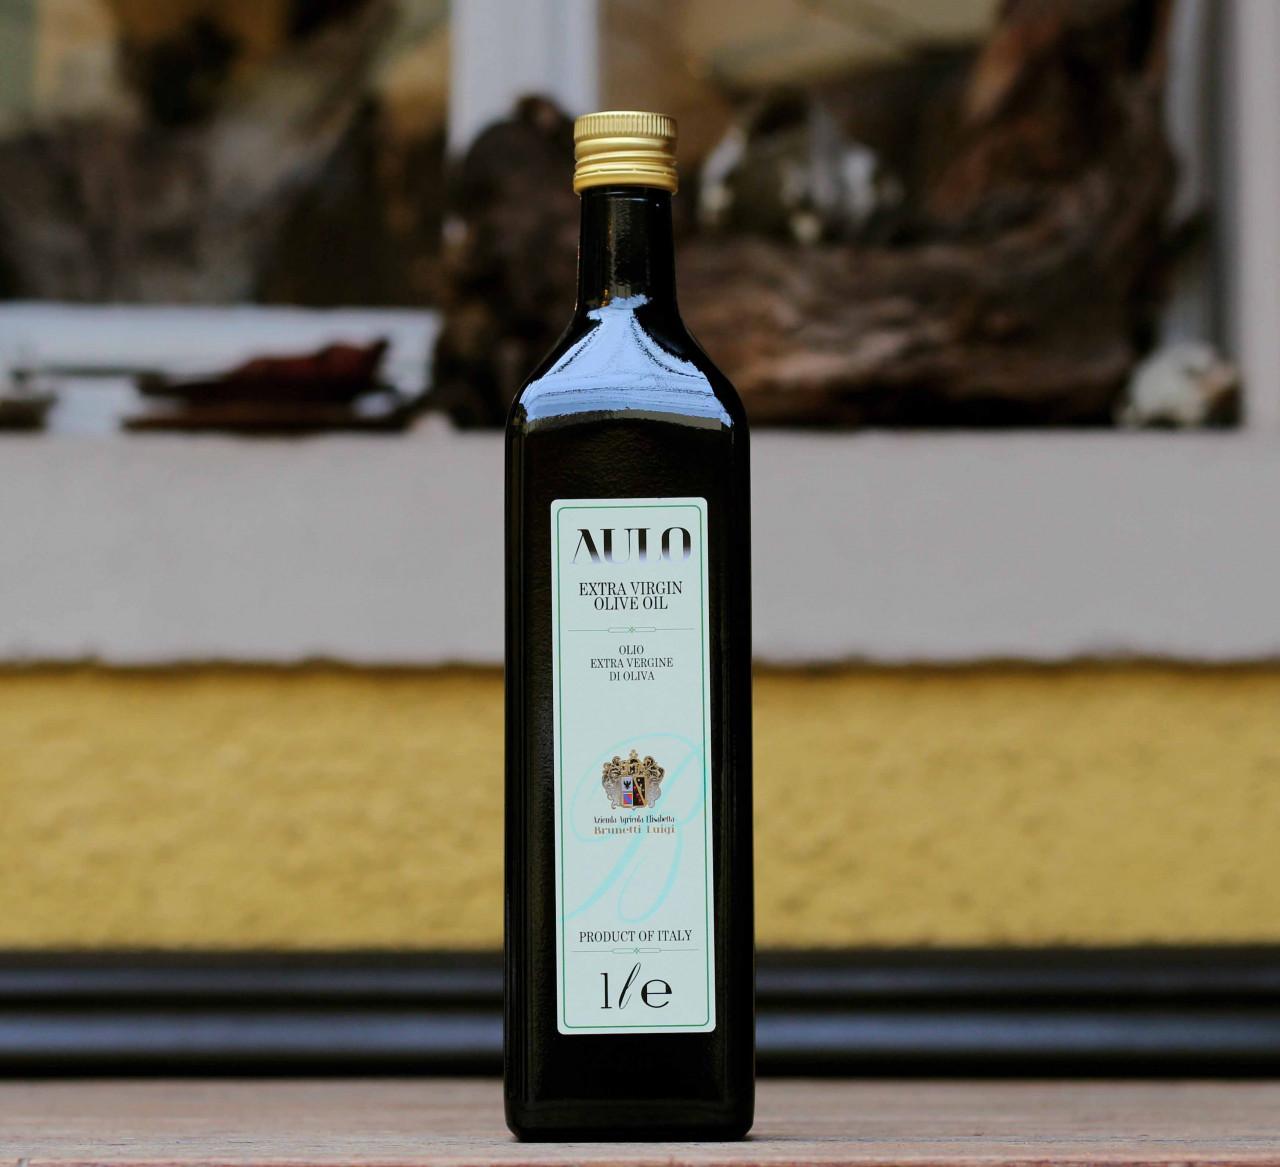 AULO - Toskanisches Olivenöl von Luigi Brunetti